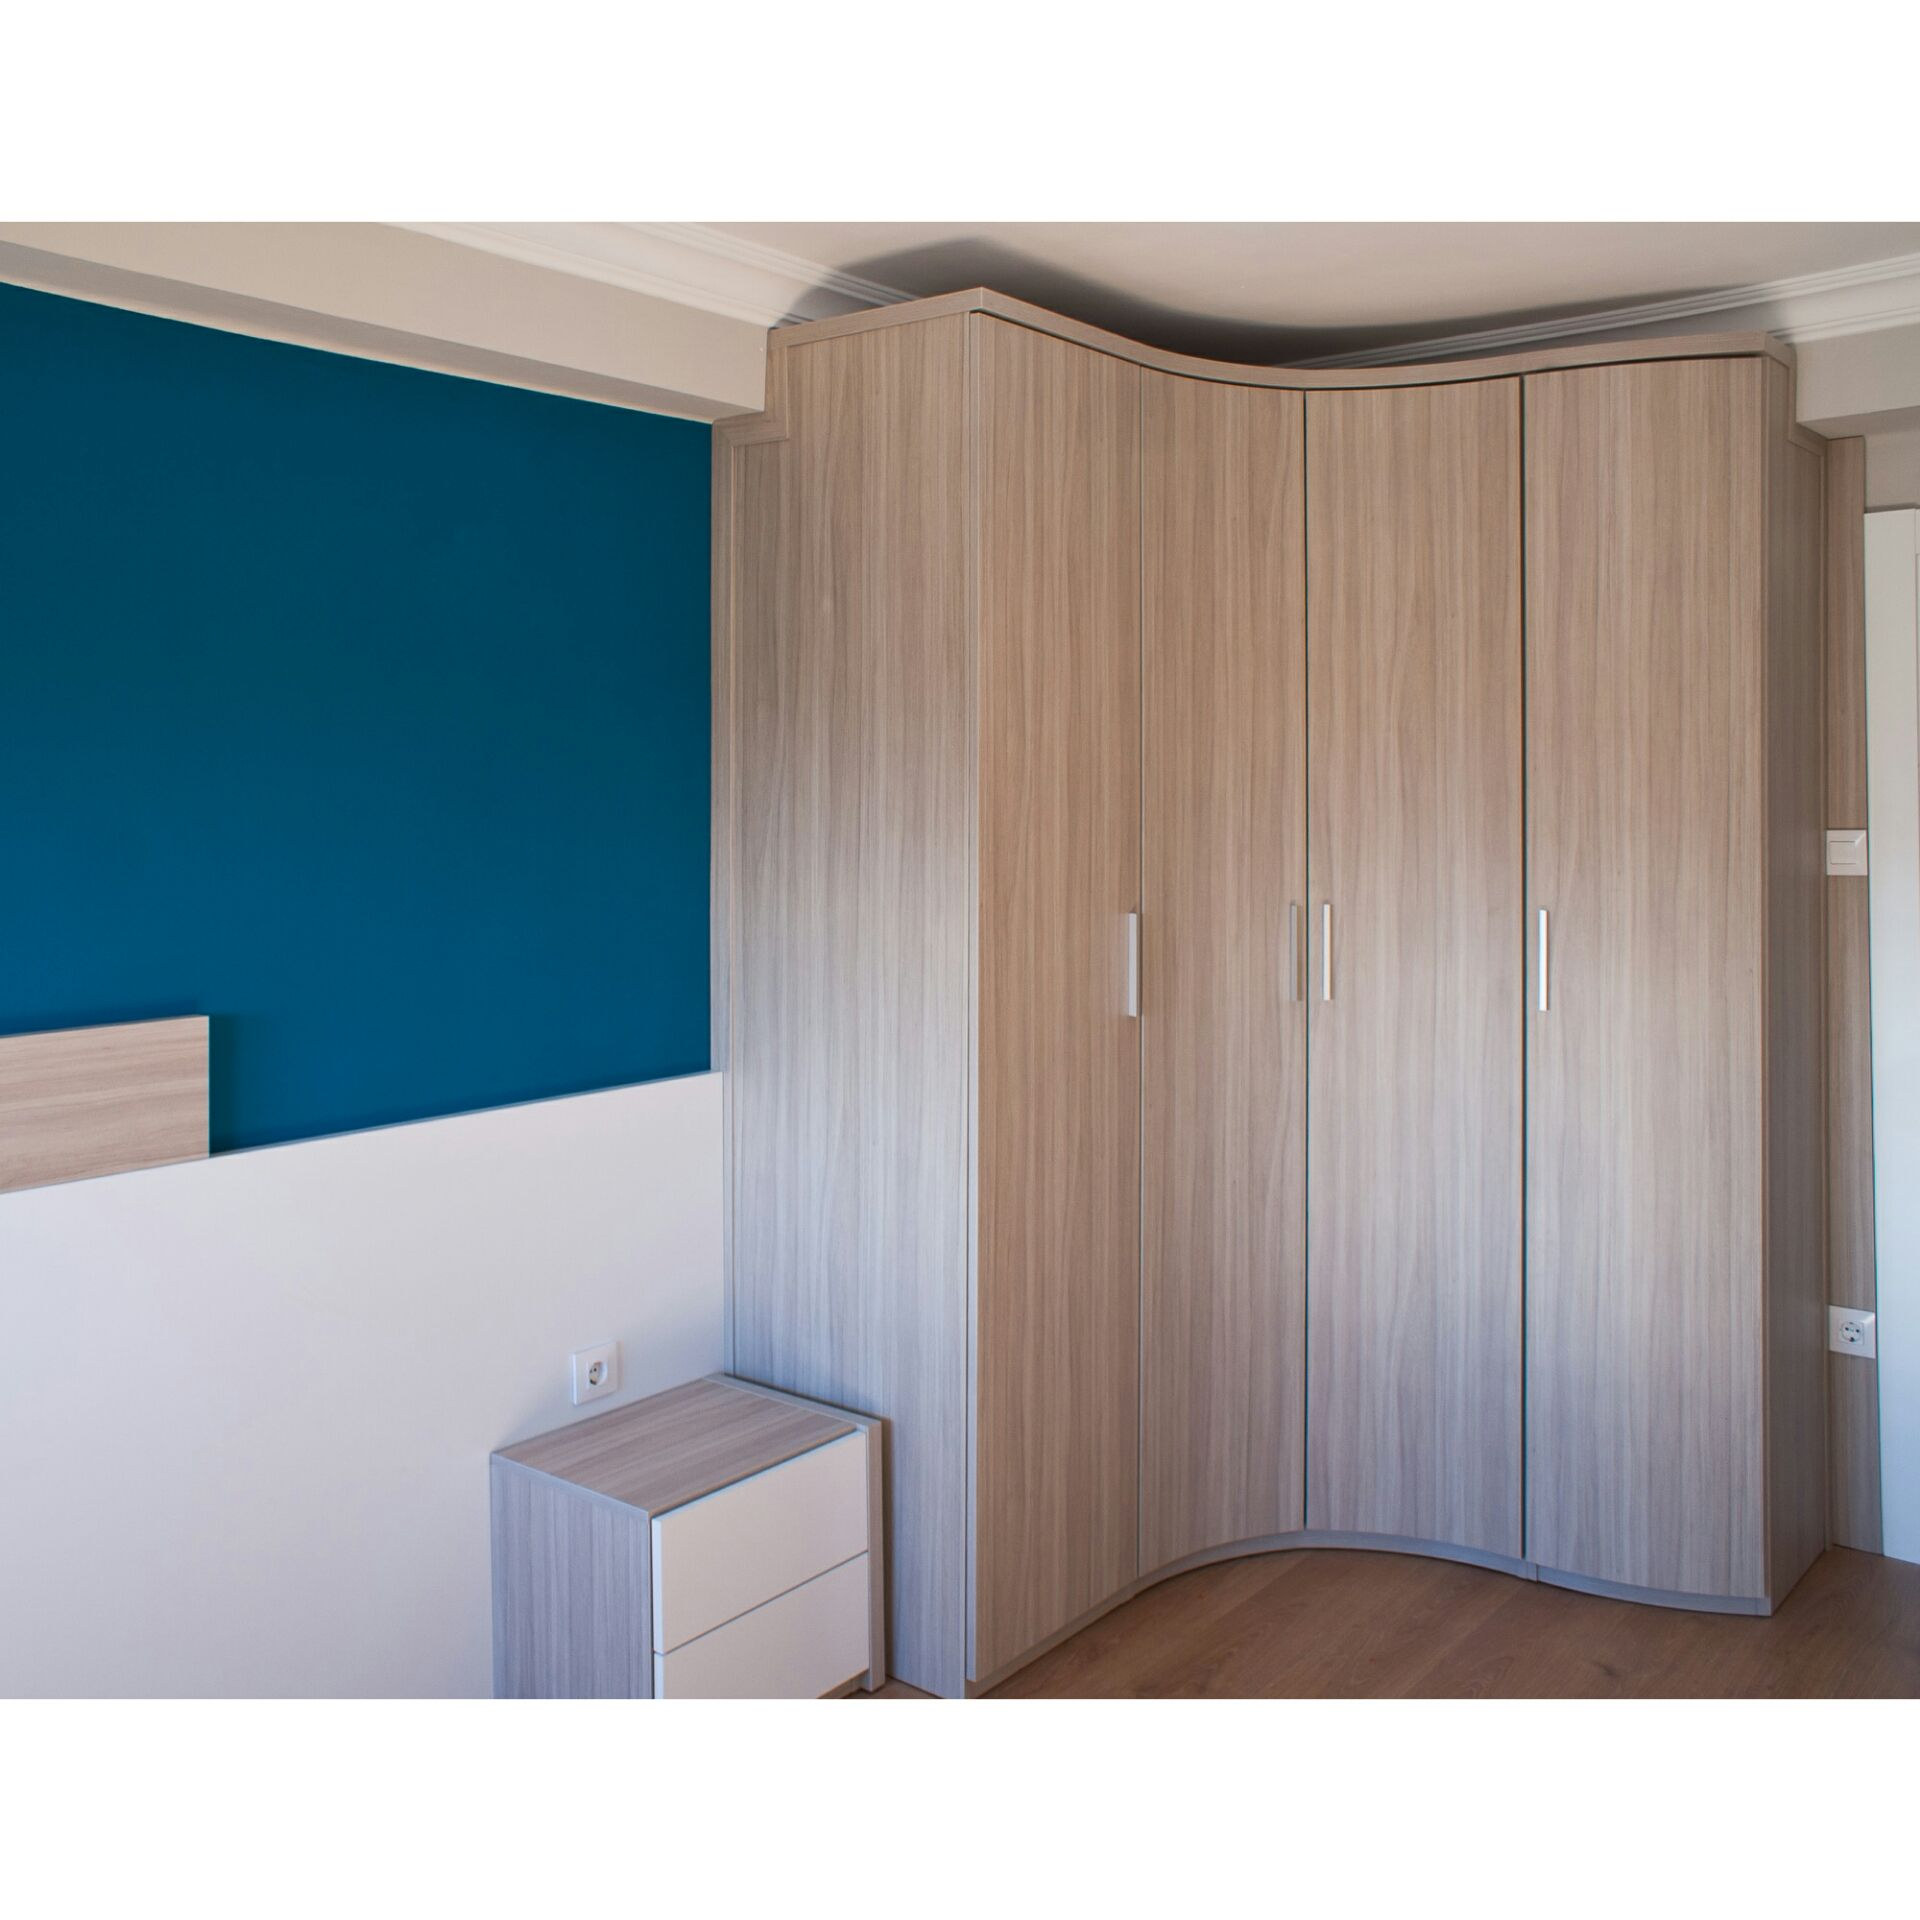 Dormitorio De Matrimonio Moderno De Dise O A Medida Web  # Muebles Zb Zaragoza